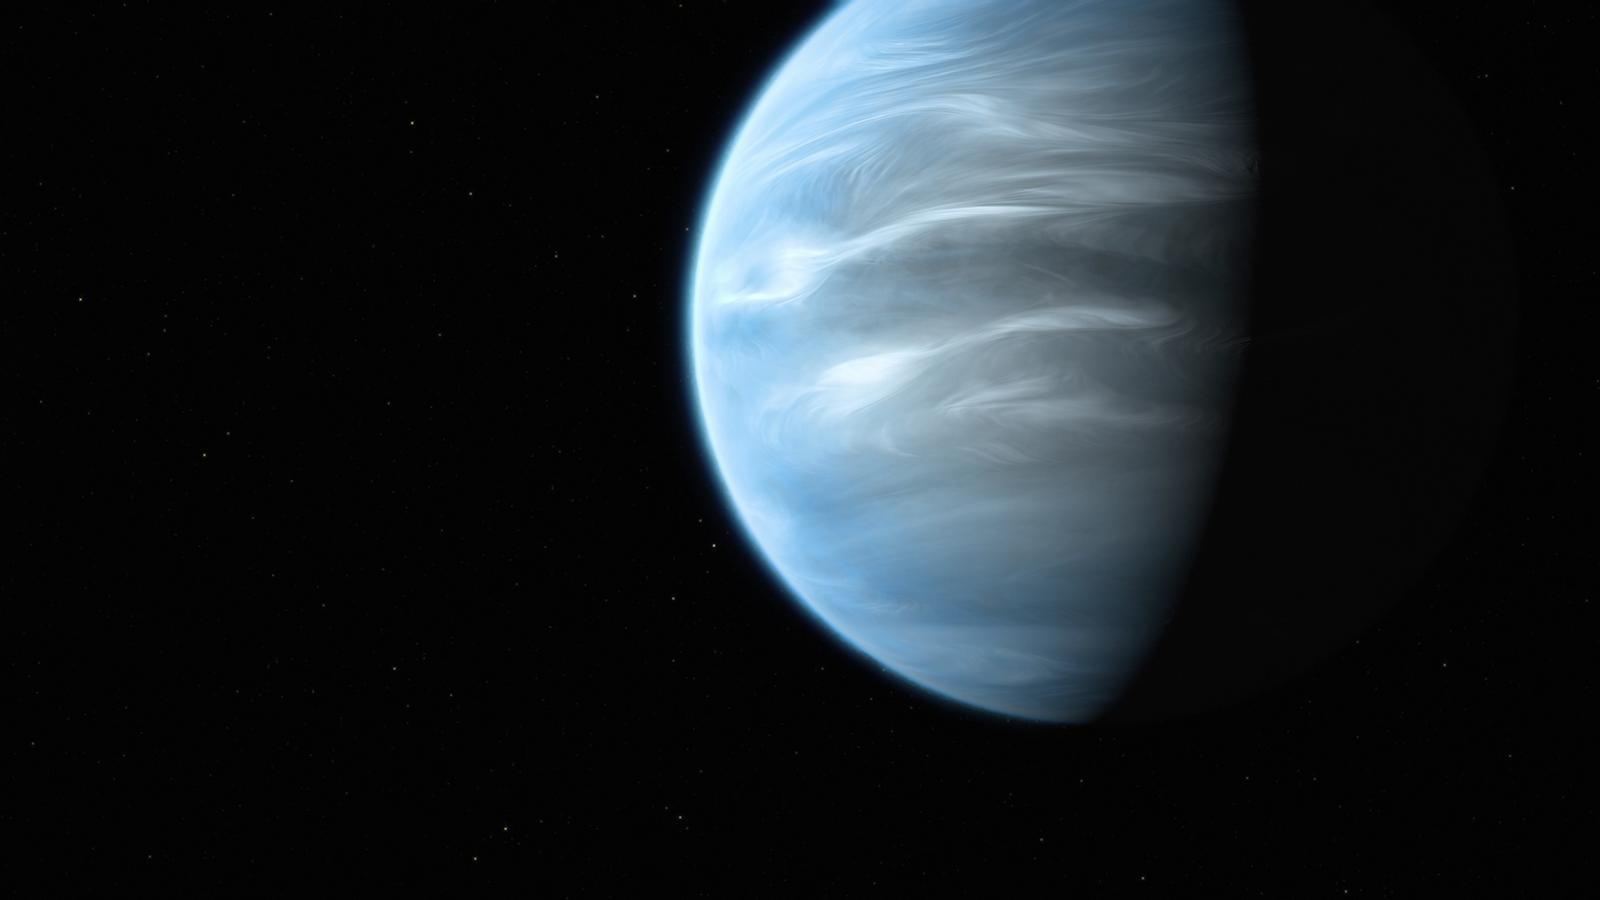 Descobert el primer planeta amb aigua i potencialment habitable, amb condicions similiars a les de la Terra